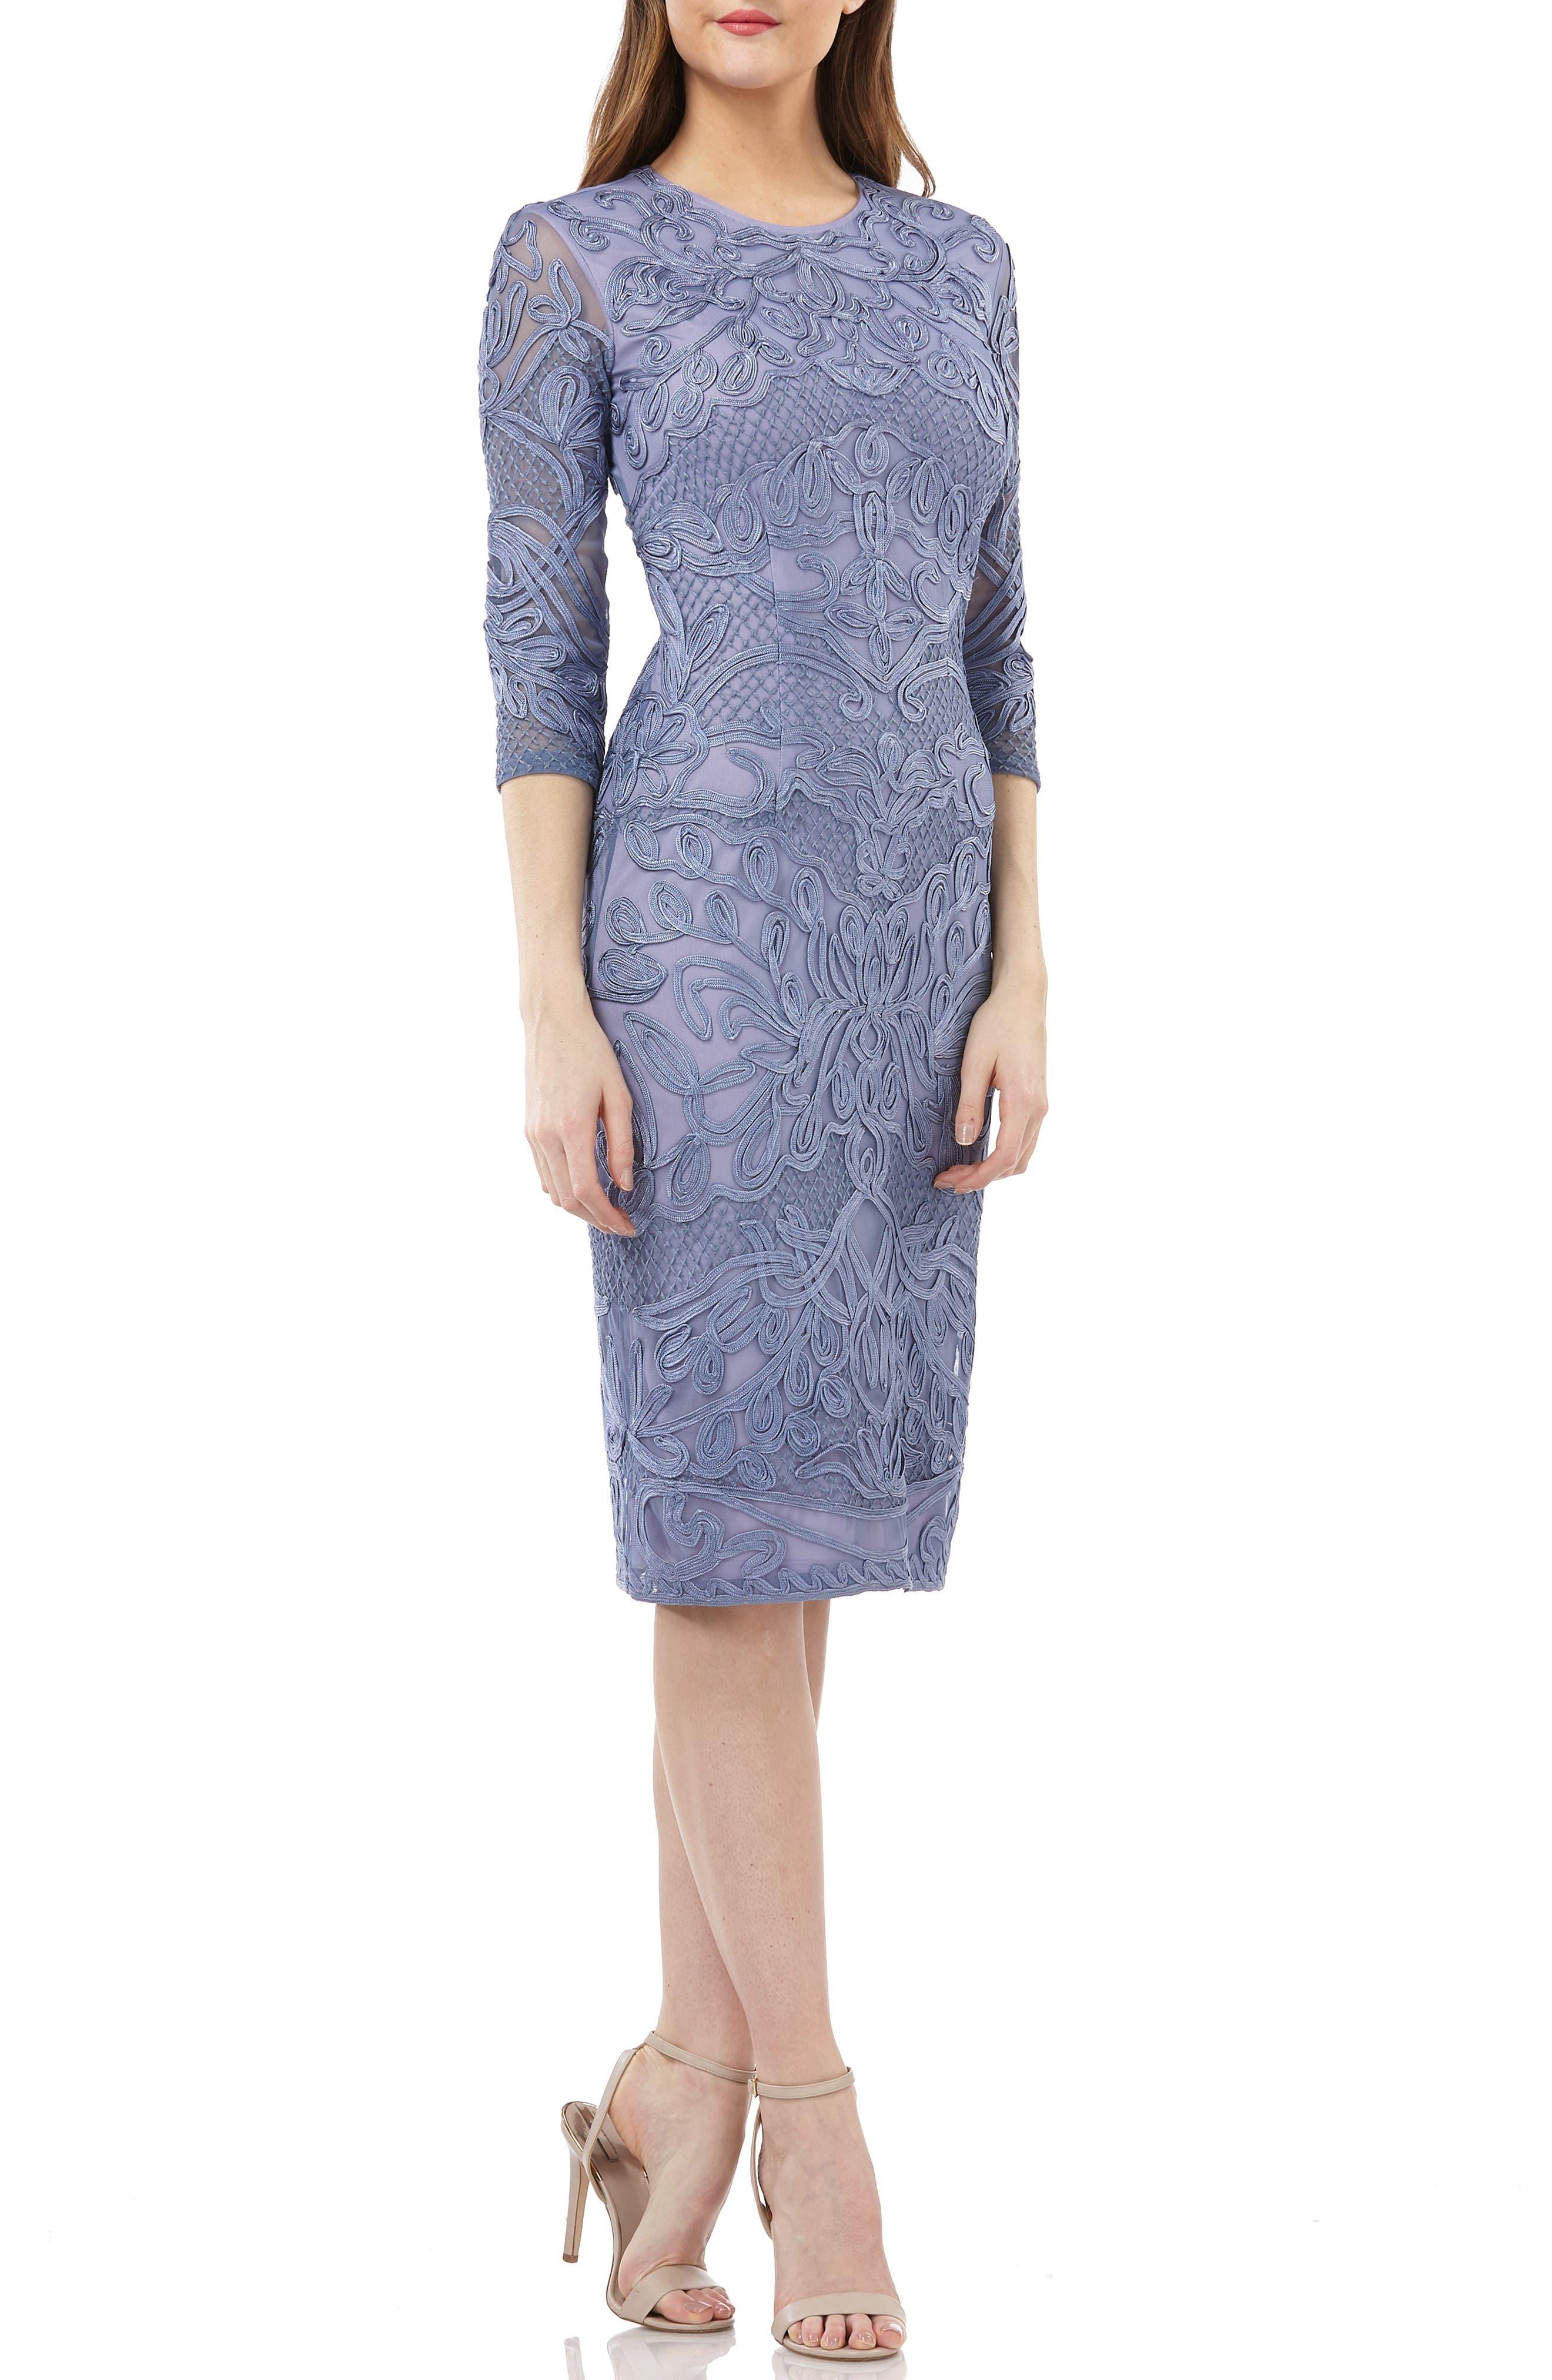 JS COLLECTIONS, Soutache Sheath Dress, Main thumbnail 1, color, PERIWINKLE